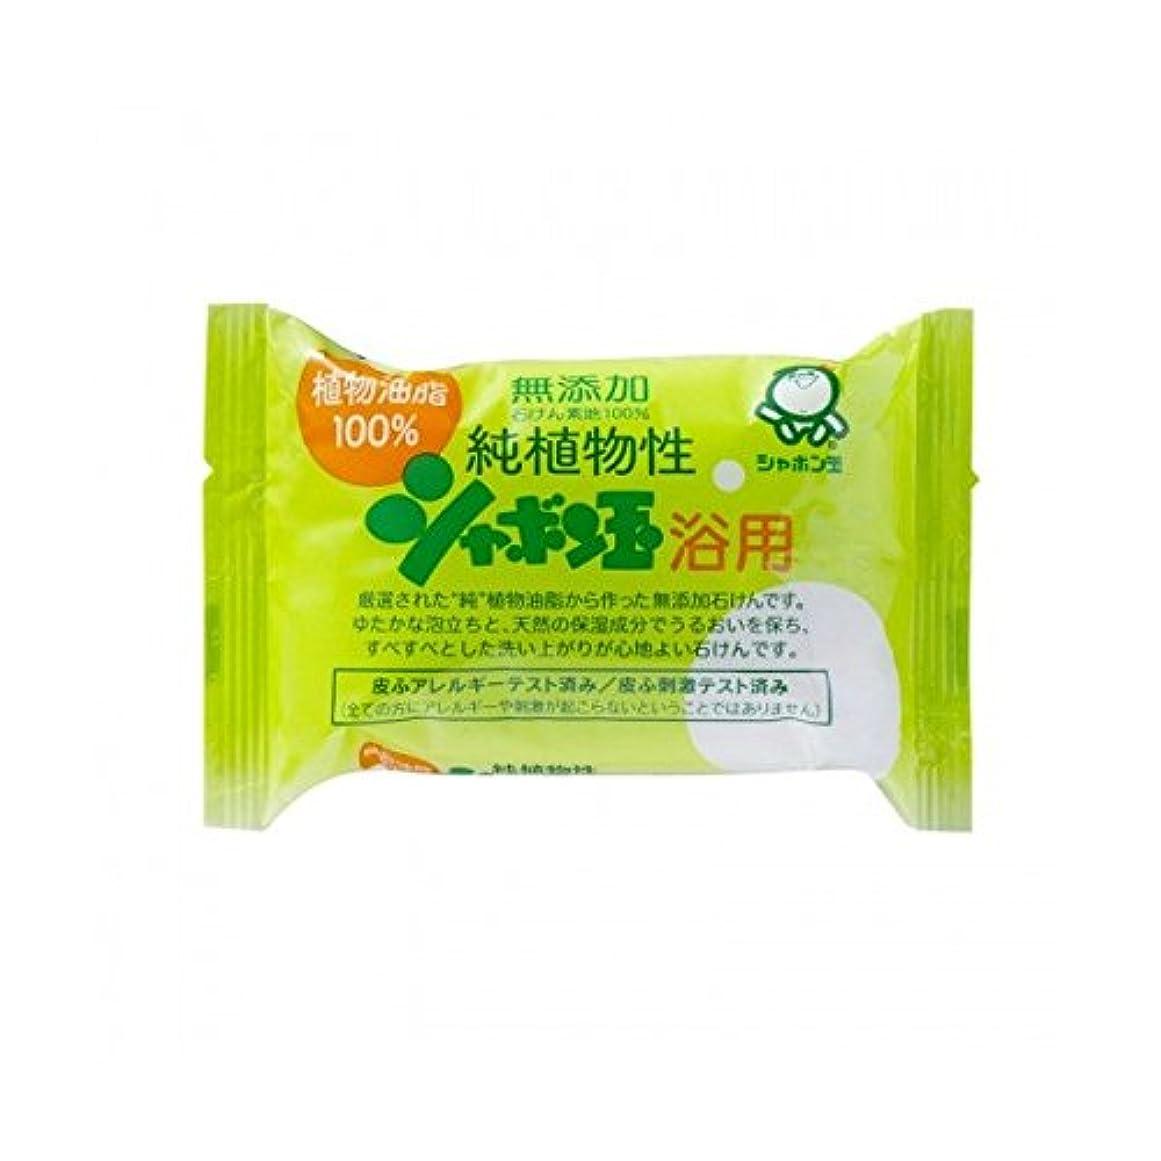 高度な貴重な効率的にシャボン玉石けん シャボン玉 純植物性 浴用 100g(無添加石鹸)×120点セット (4901797003013)